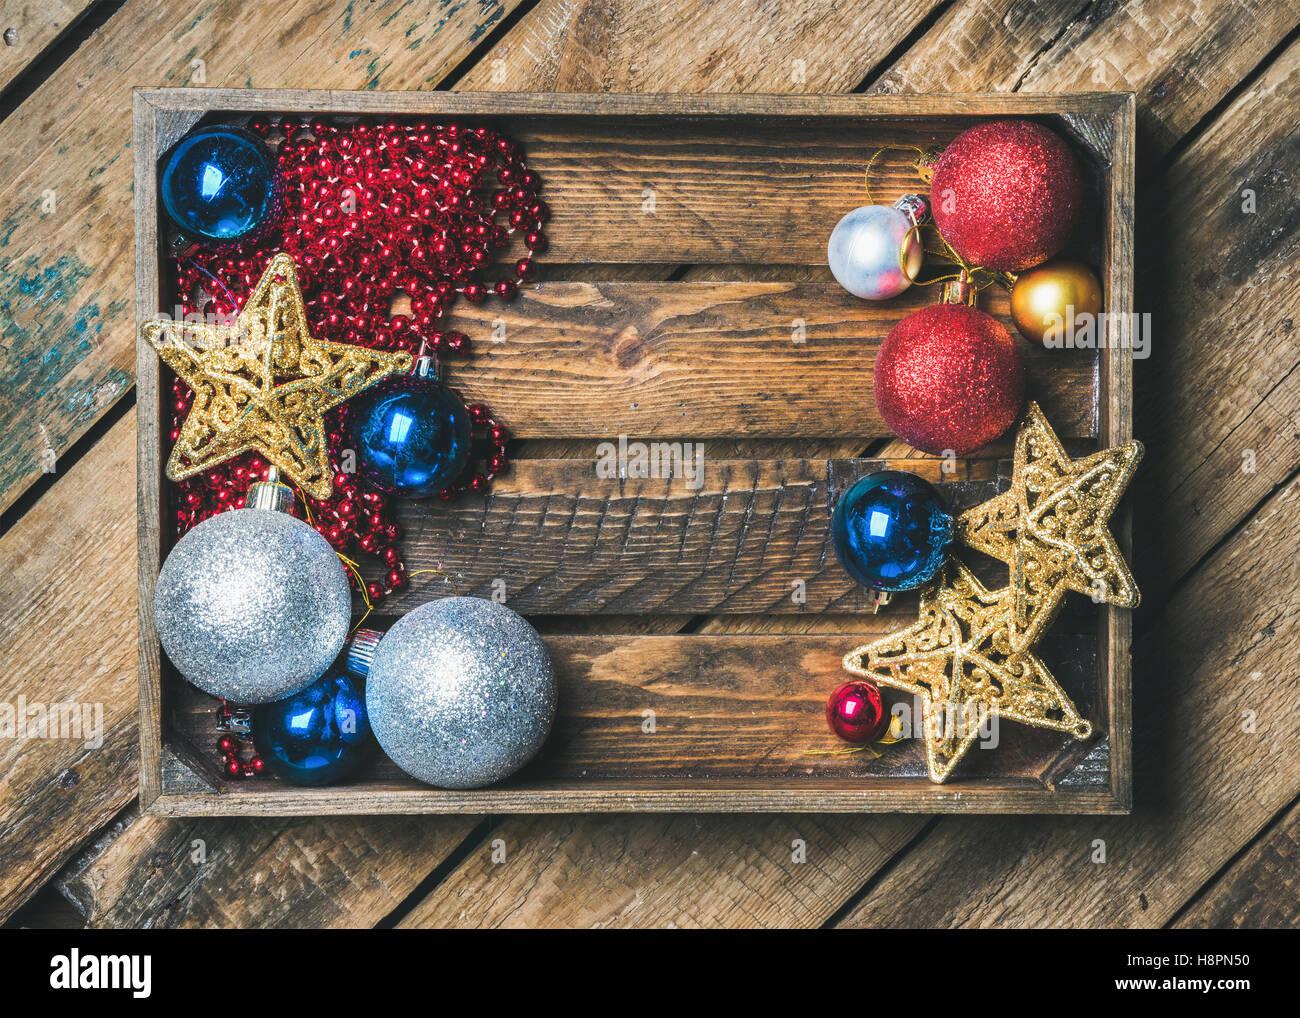 Natale o Capodanno vacanze sfondo decorazione, spazio di copia Immagini Stock